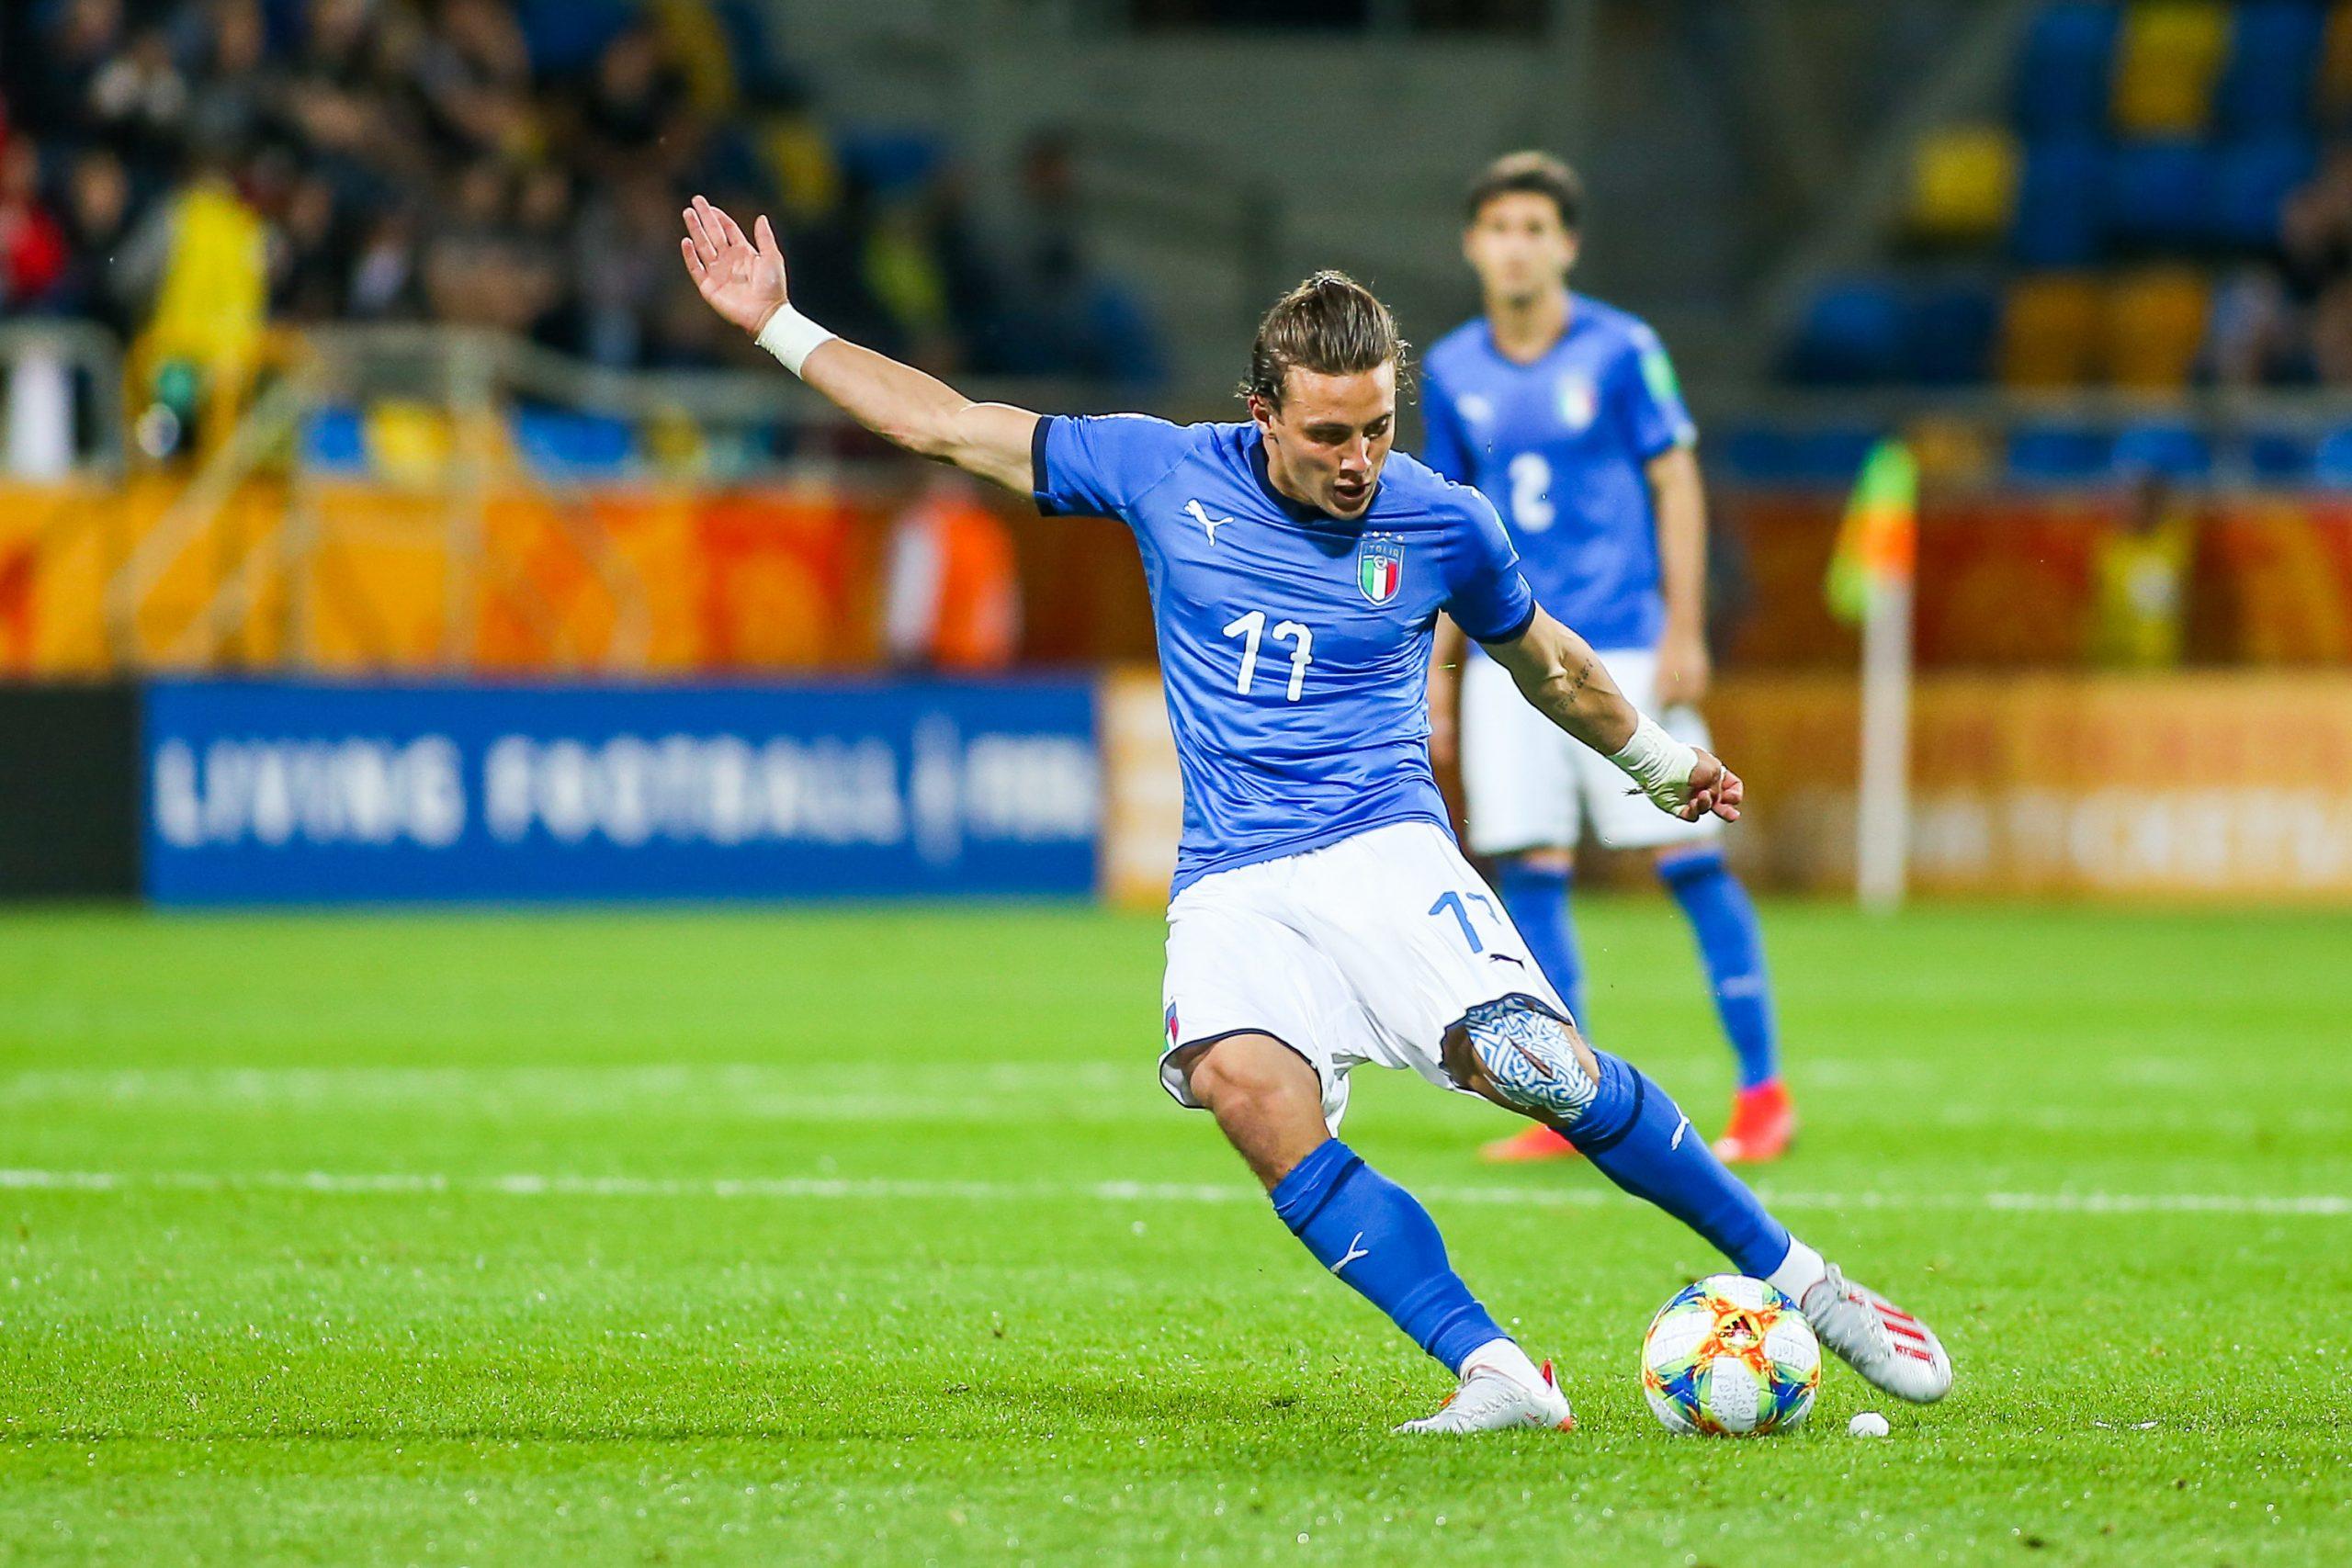 Mercato OM : 12M€ pour Gianluca Scamacca, il faut faire un effort